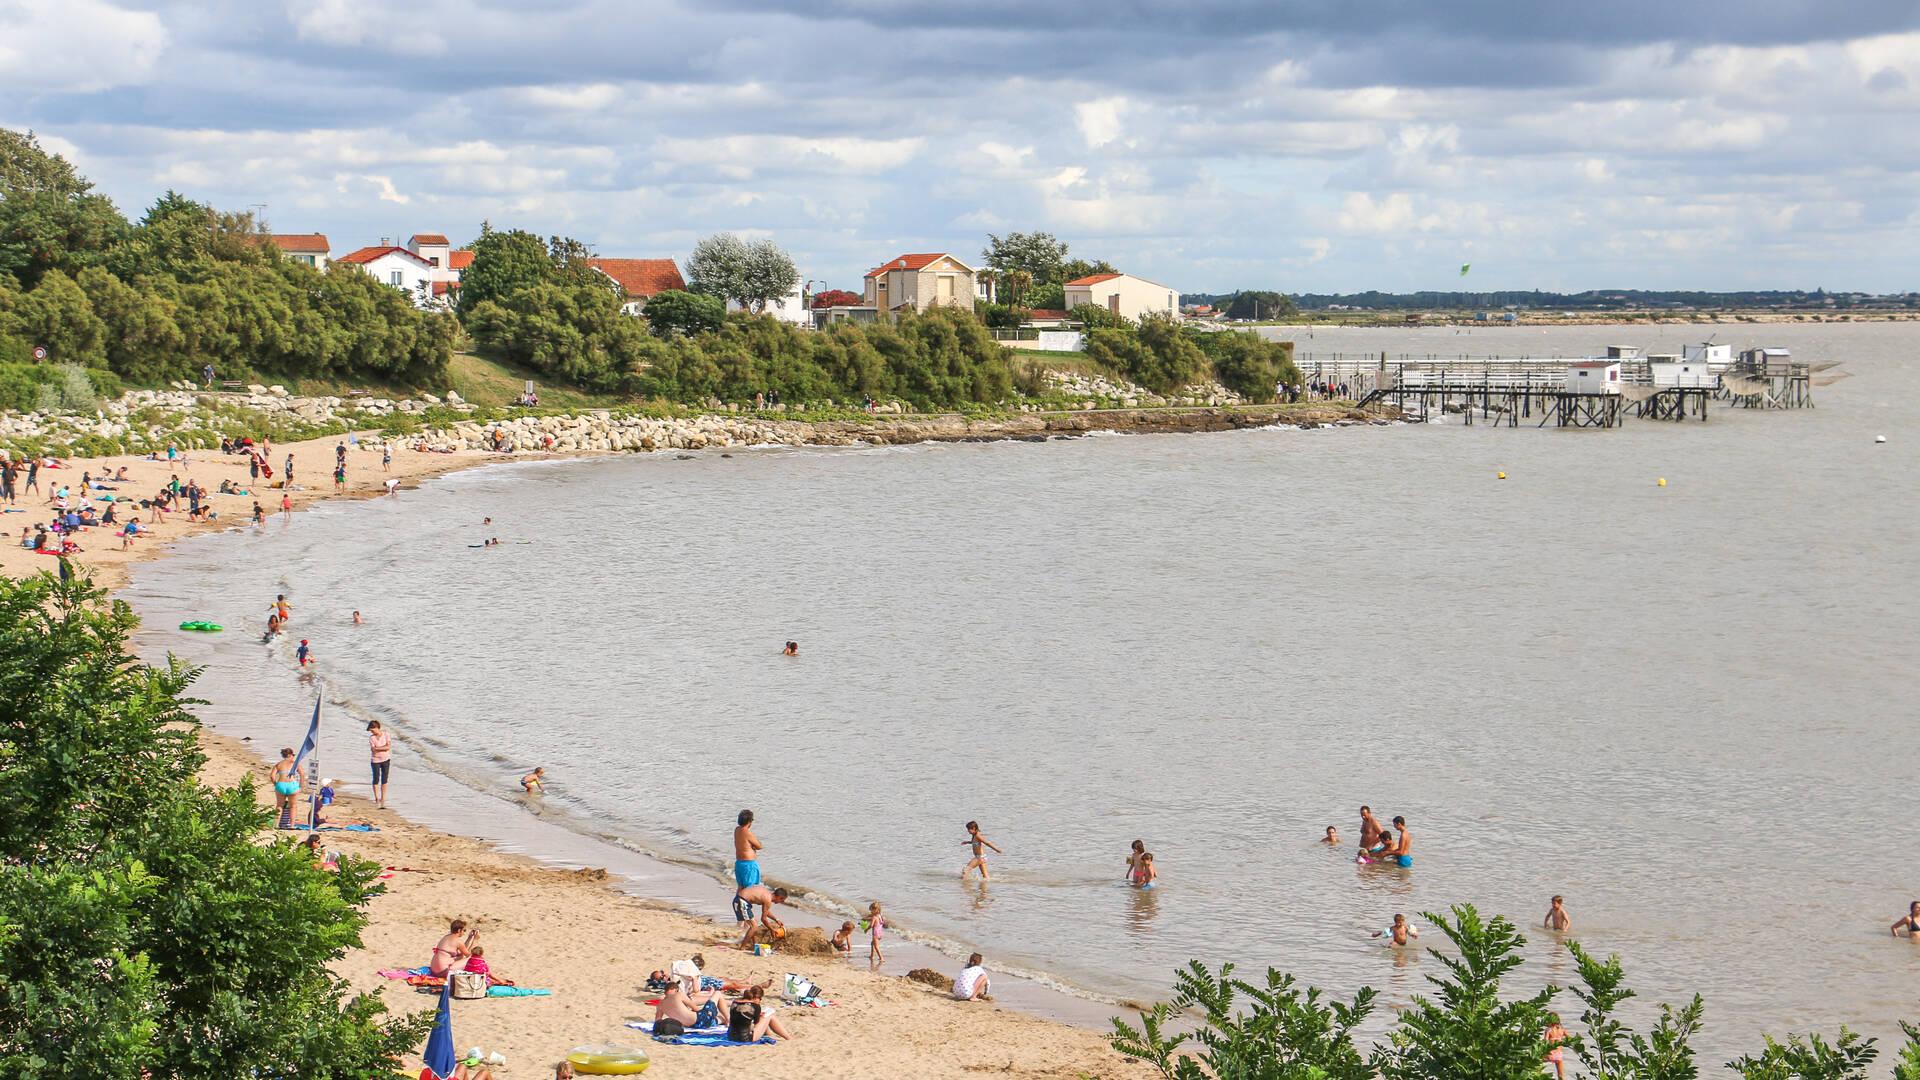 La station balnéaire de Fouras-les-Bains, plage Sud, Rochefort Océan, Charente-Maritime